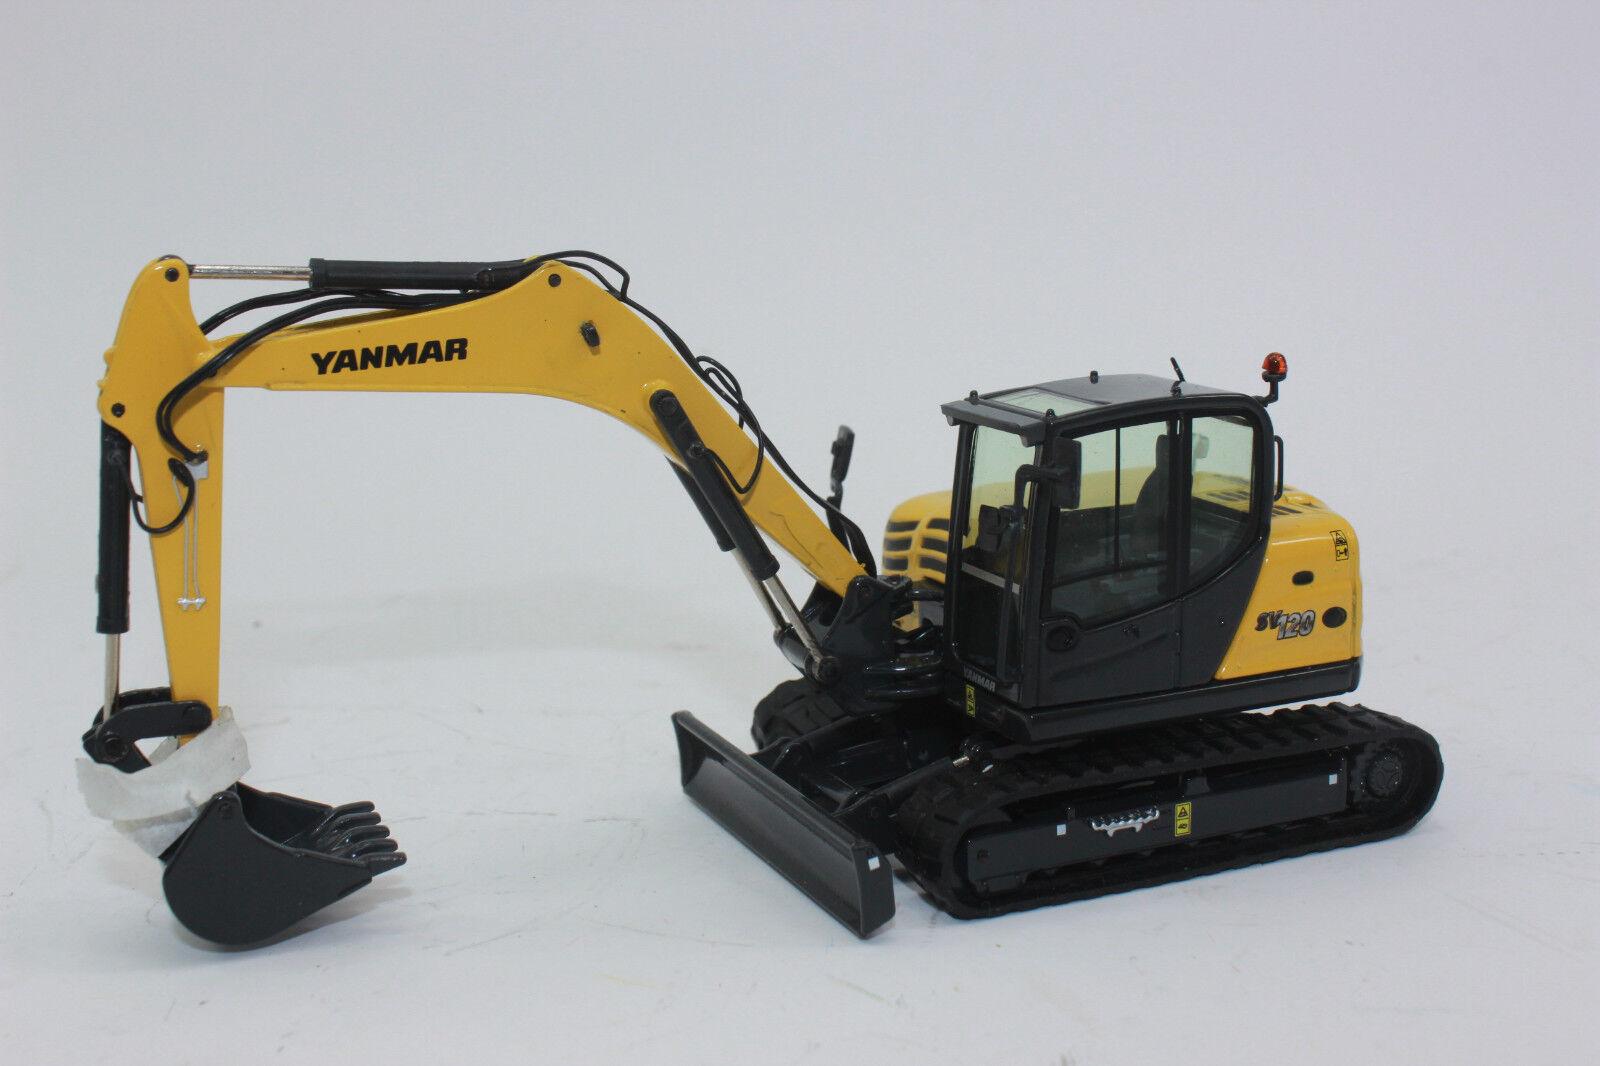 Nzg 975 Yanmar SV120 Excavadora sobre Orugas 150 Nuevo en Emb.orig.